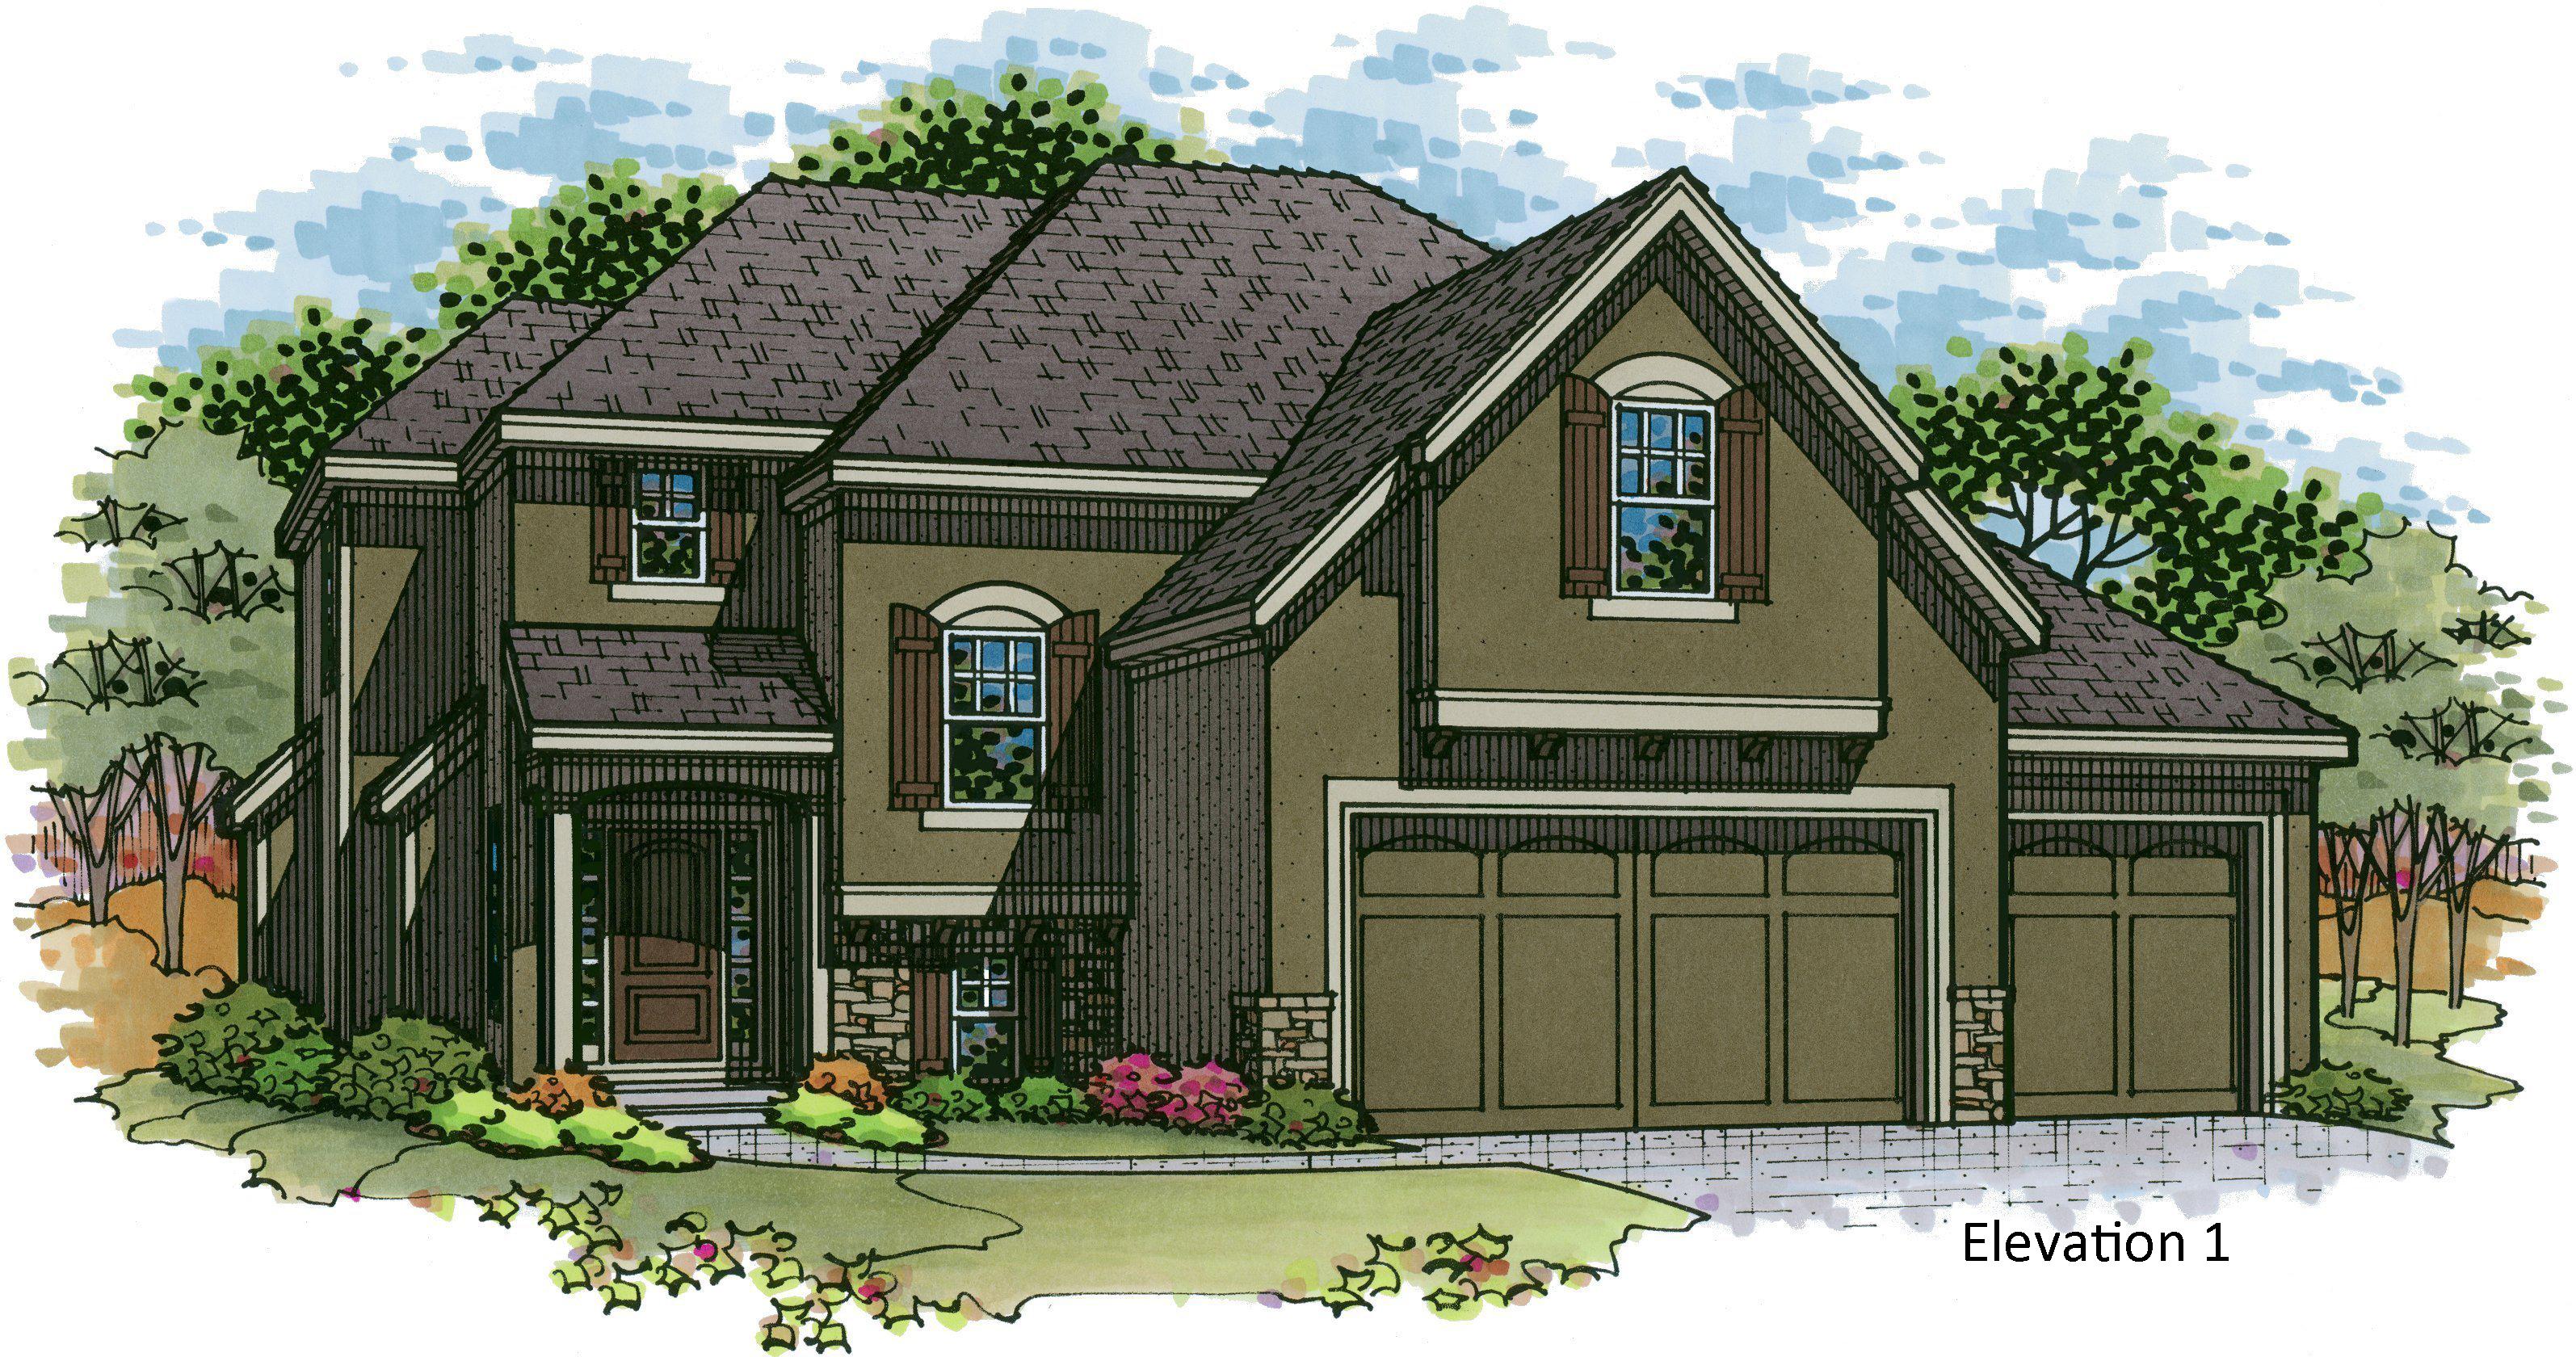 Destin EX elevation 1 color rendering